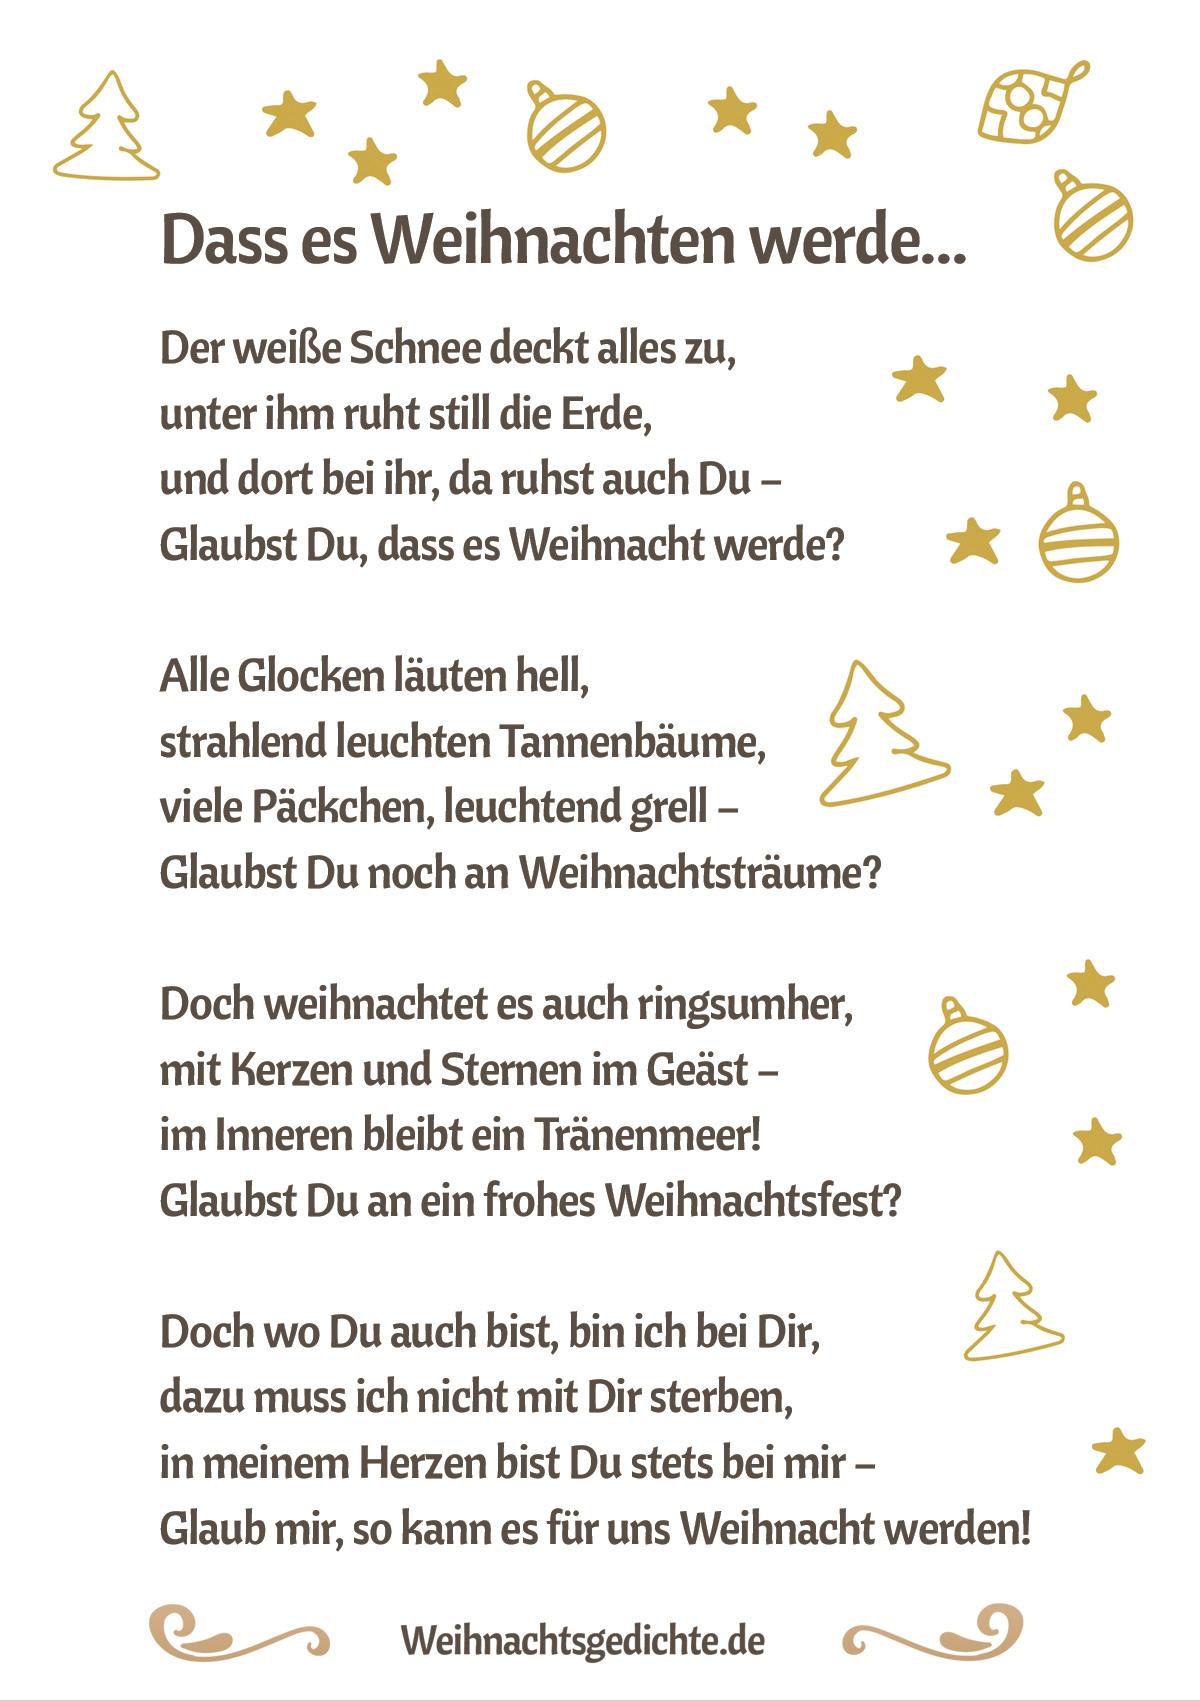 Weihnachtsgedichte Bilder Zum Versenden Als E-Mail Oder Facebook bei Kurze Lustige Gedichte Zu Weihnachten